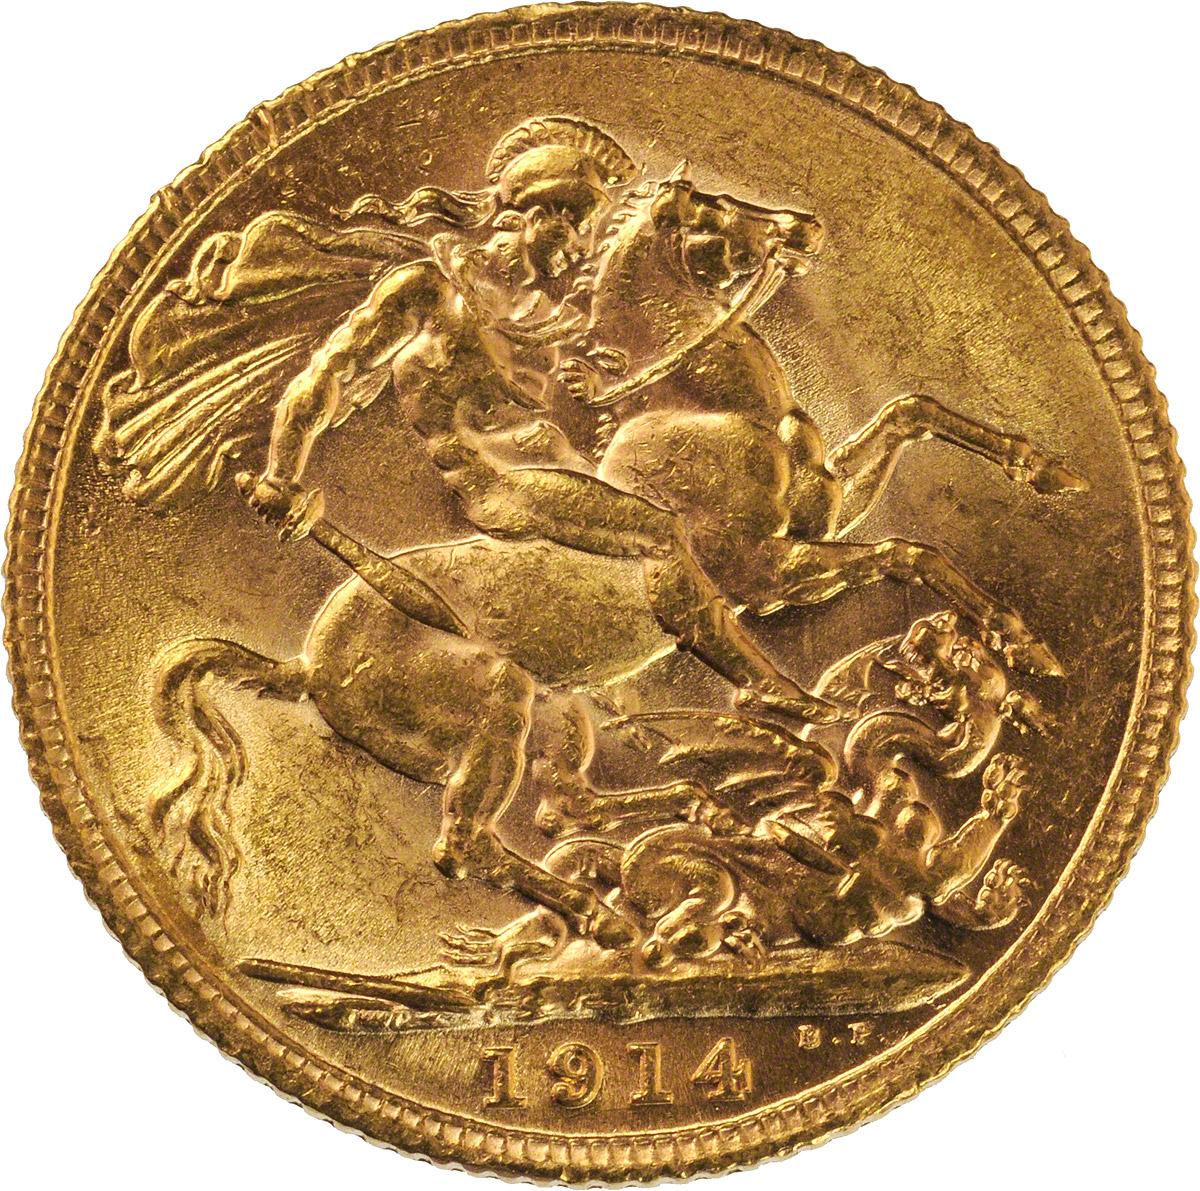 1914 Γεώργιος Ε' (Νομισματοκοπείο Λονδίνου)